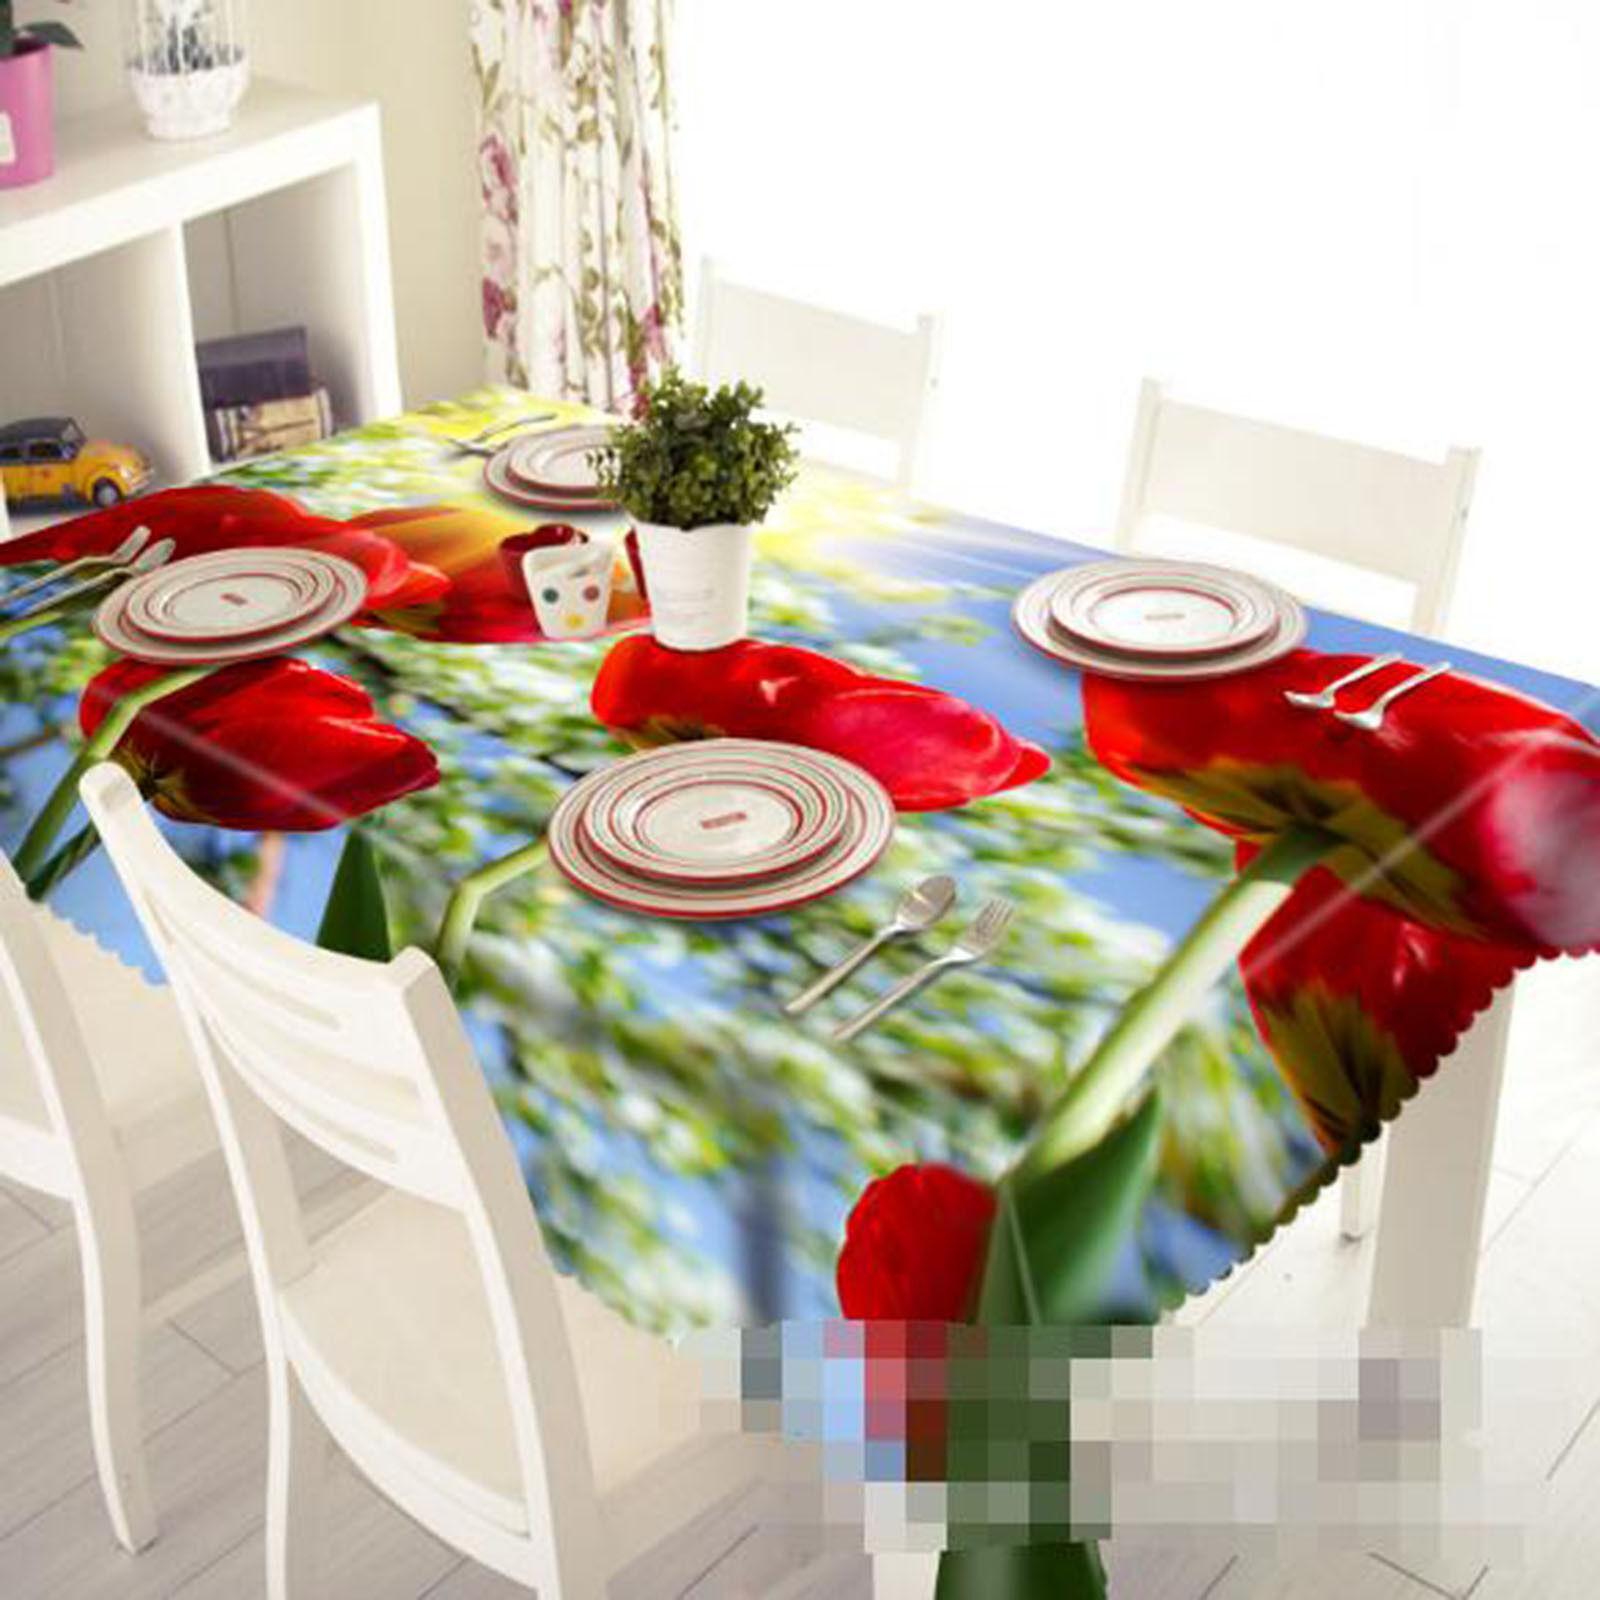 3D pétales 406 Nappe Table Cover Cloth fête d'anniversaire AJ papier peint Royaume-Uni Citron